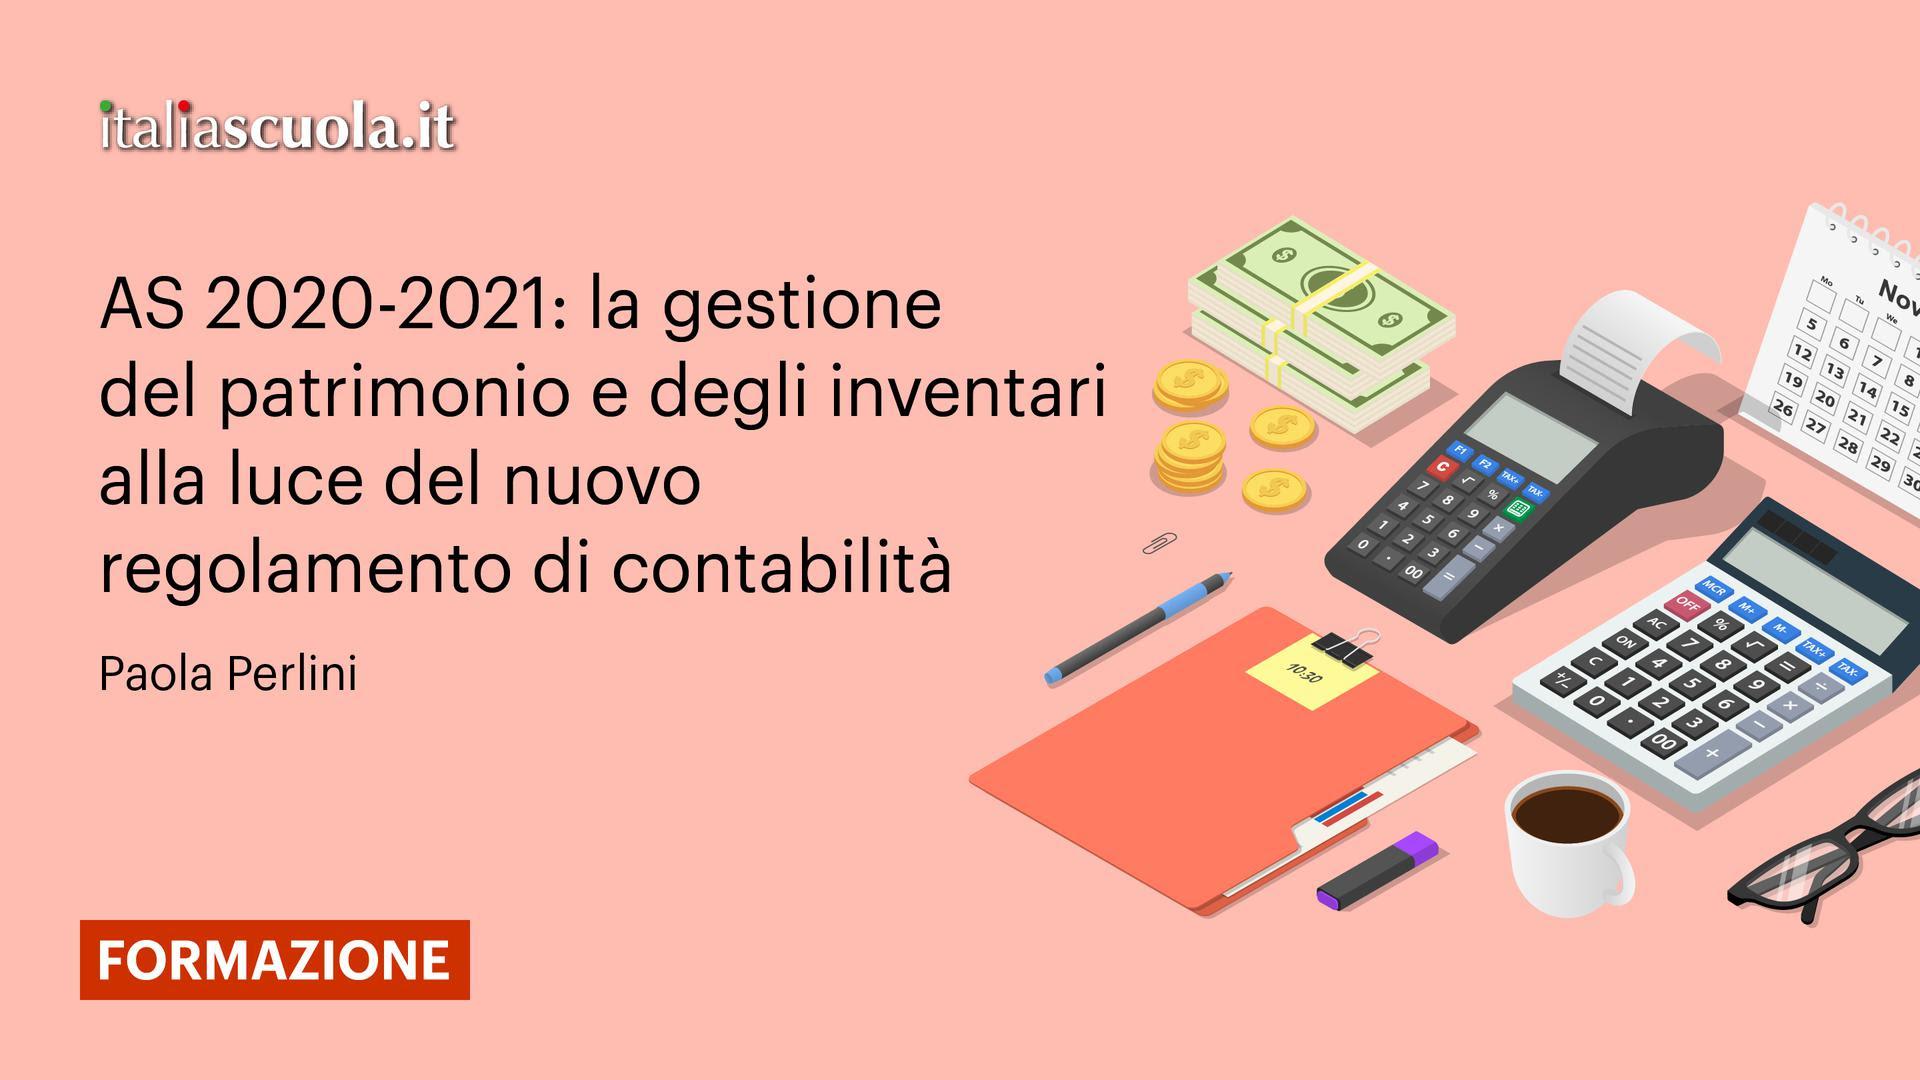 AS 2020-2021: la gestione del patrimonio e degli inventari alla luce del nuovo regolamento di contabilità